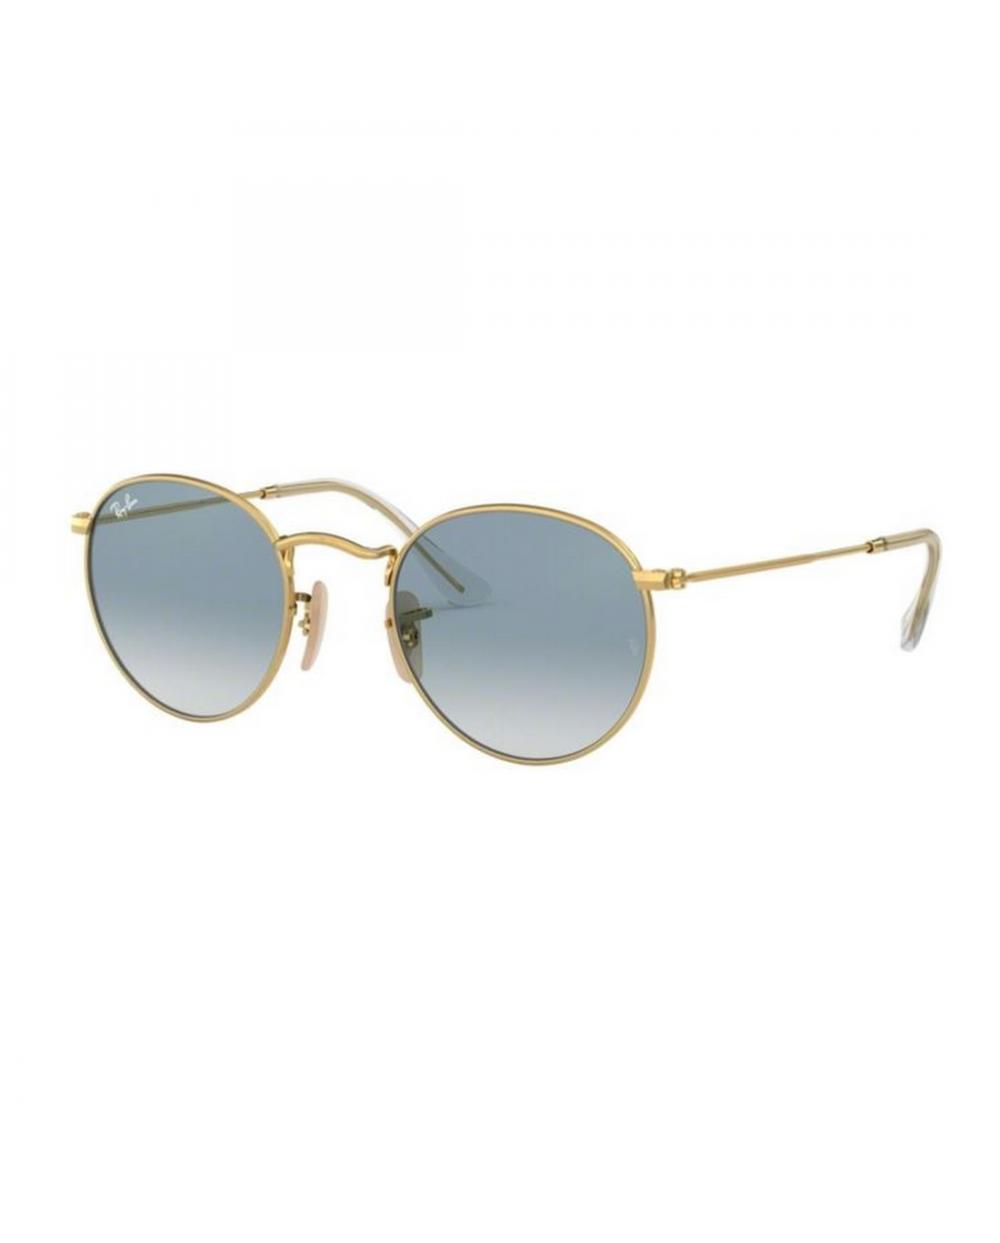 Sonnenbrille Ray Ban RB3447N originalverpackung garantie Italien